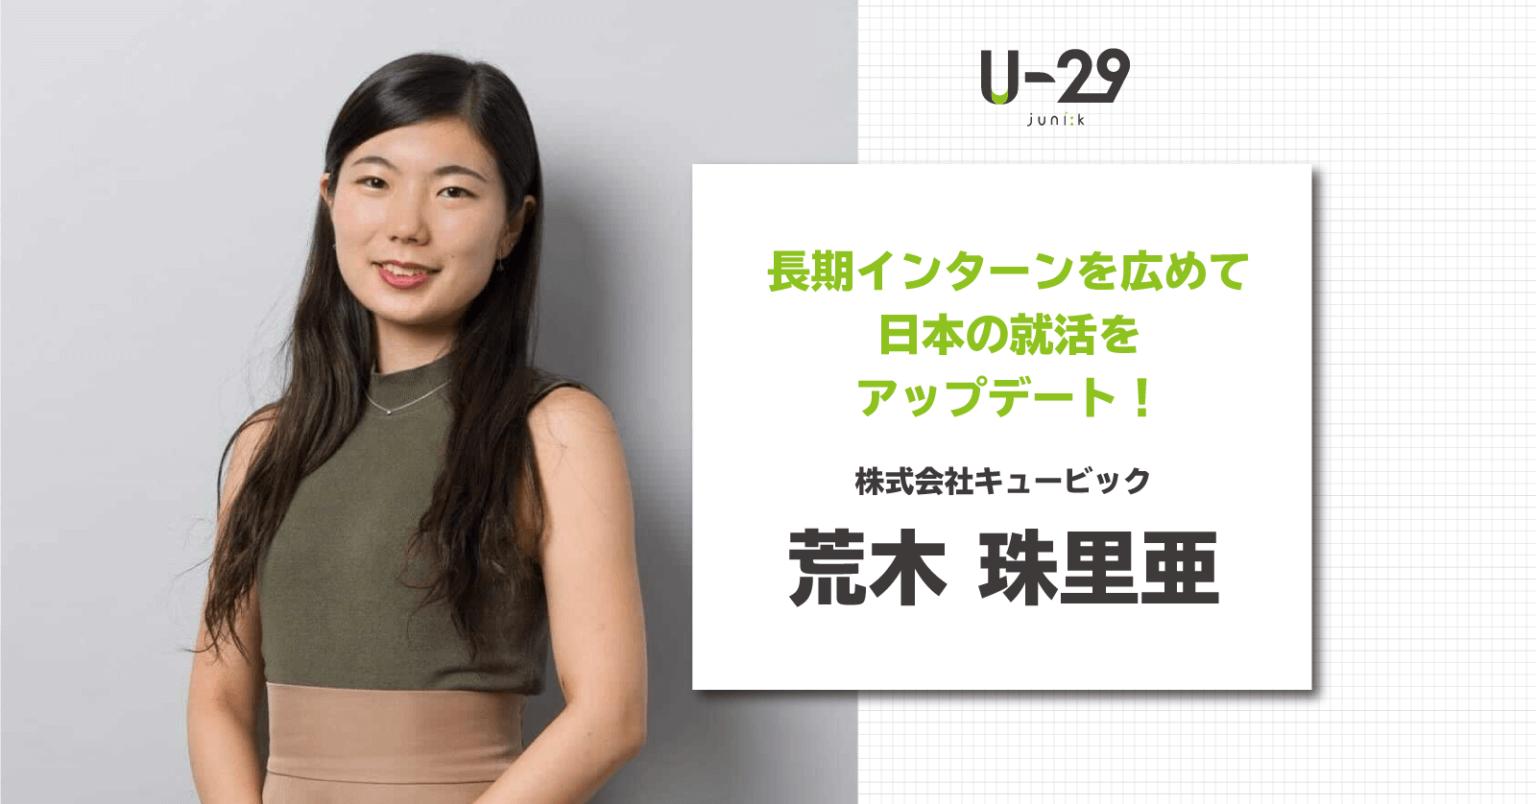 『U-29ドットコム』に長期インターン事業責任者の荒木 珠里亜(あらき・じゅりあ)のインタビューが掲載されました